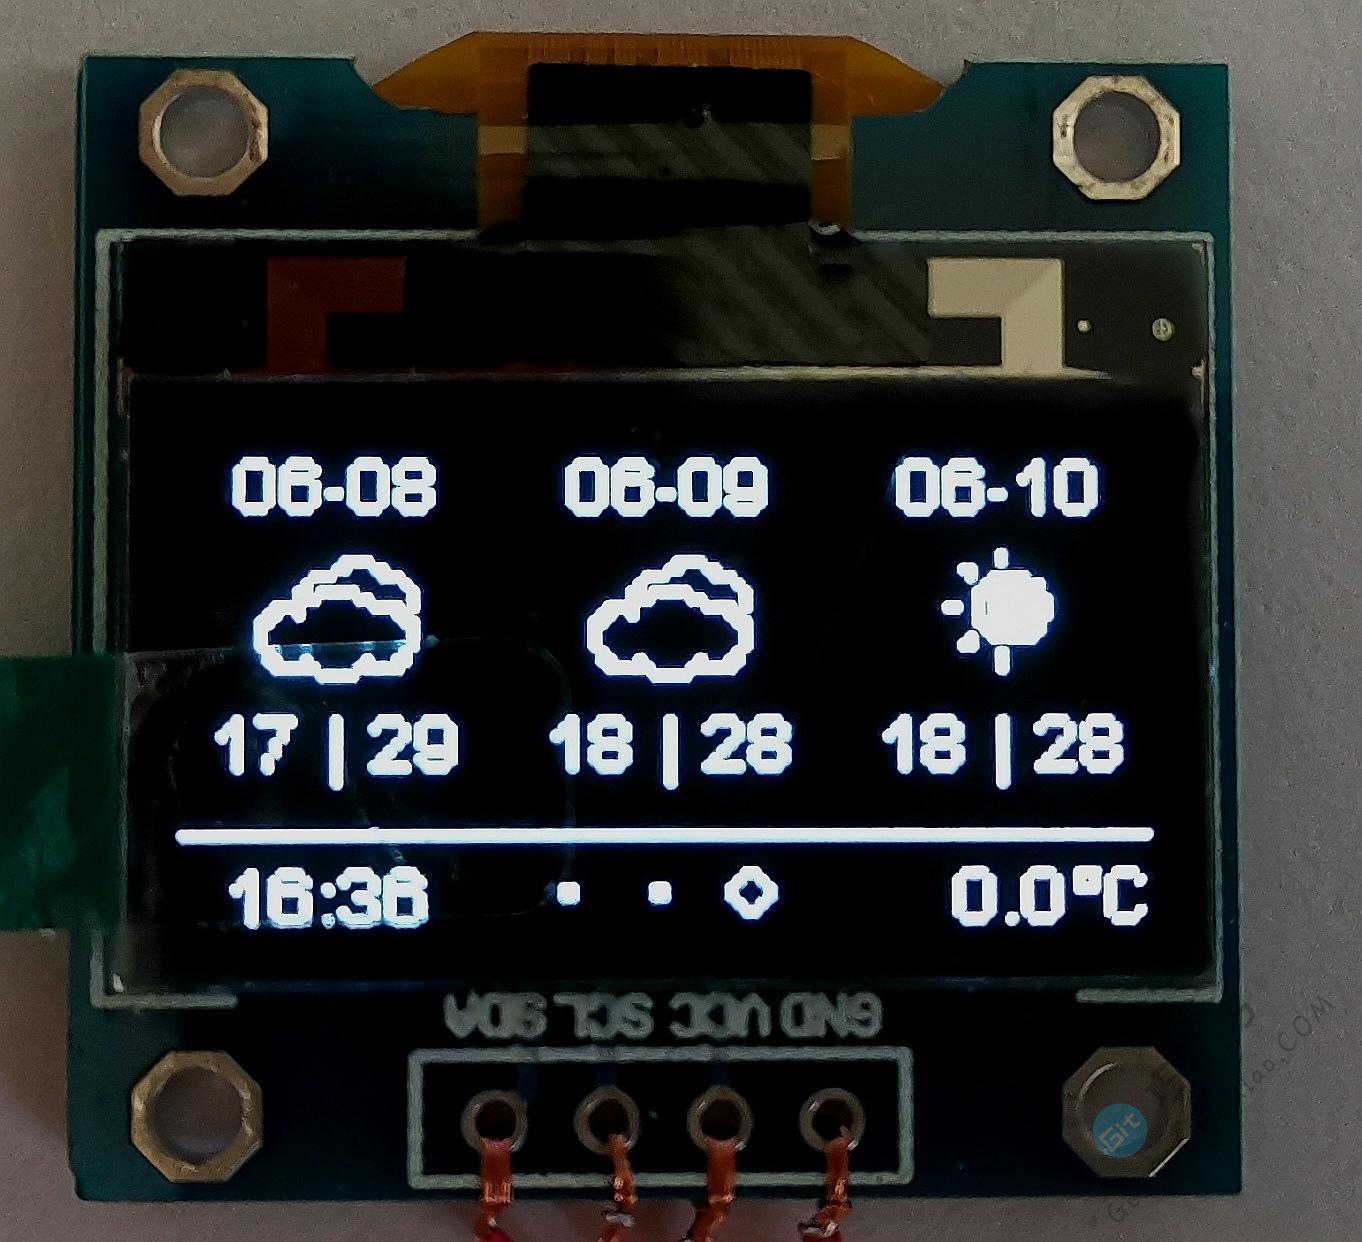 使用ESP32或ESP8266模块DIY打造一个网络WIFI时钟,还能显示今明后三天的天气预报